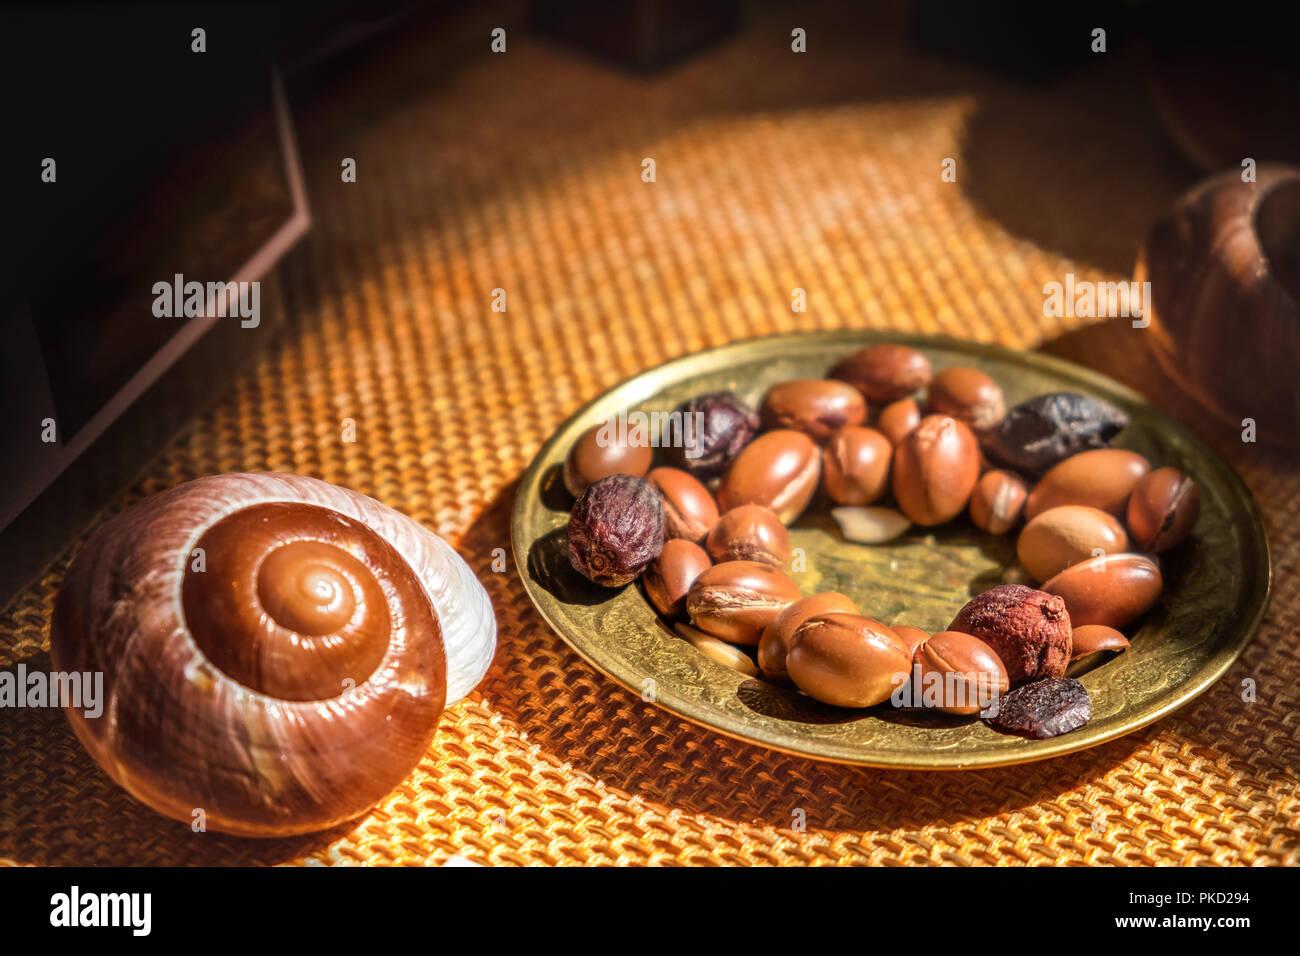 El aceite de argán es hecha por tuercas - Argán Argán frutas antioxidantes útiles para la curación de inflamaciones de la piel enrojecimiento de las estrías. Imagen De Stock